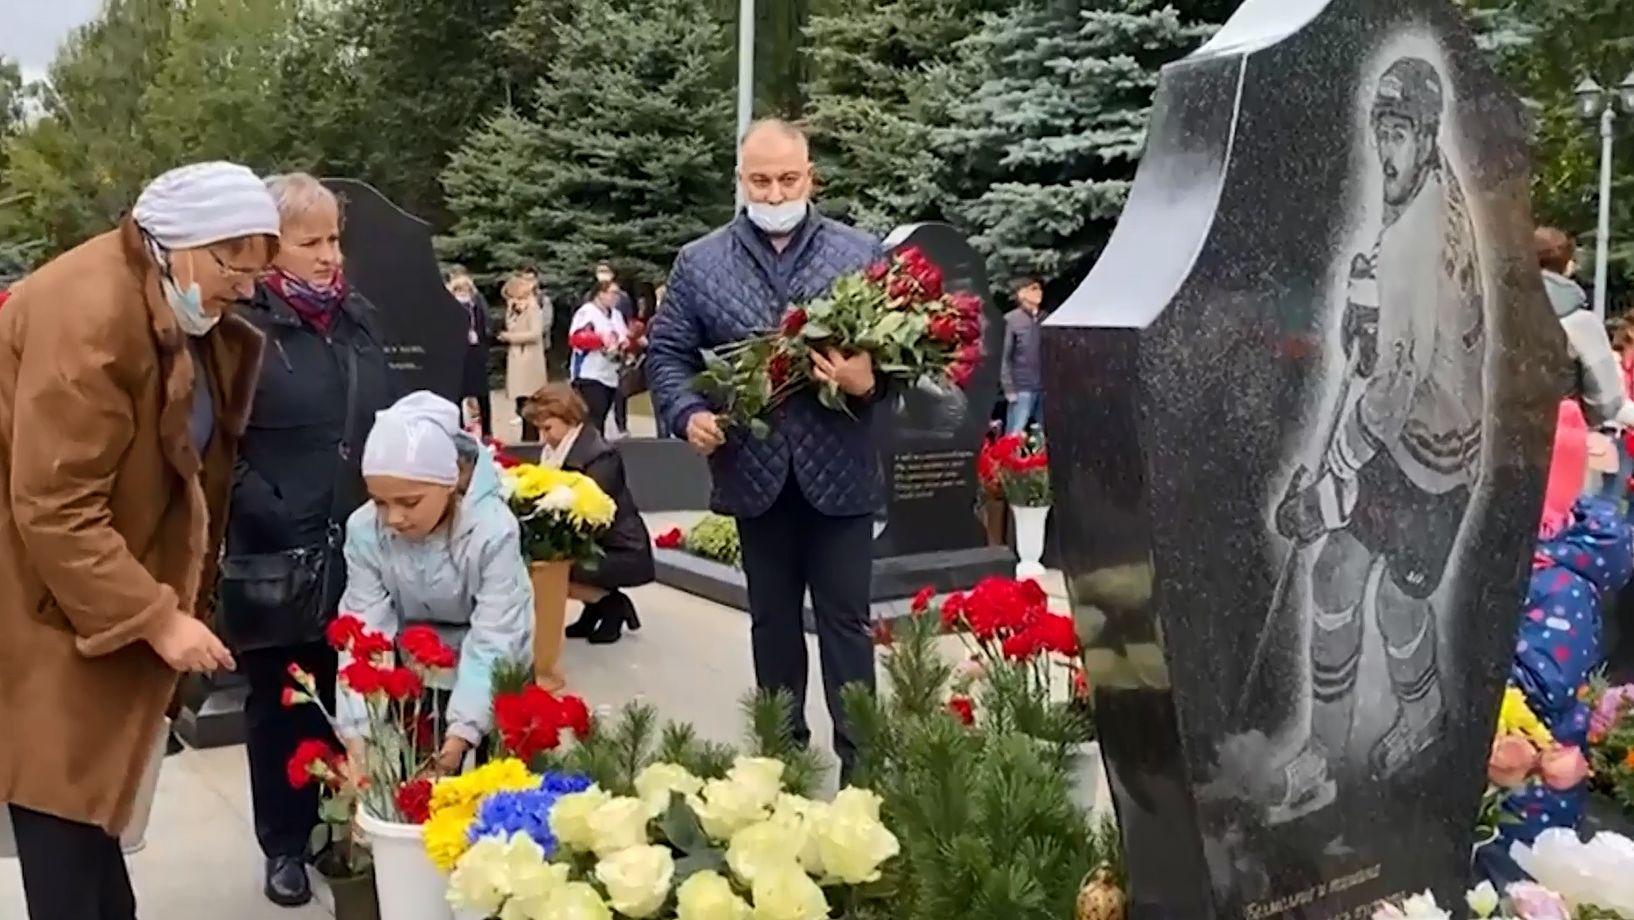 Сегодня в Ярославле проходят траурные мероприятия в память о погибшем «Локомотиве»